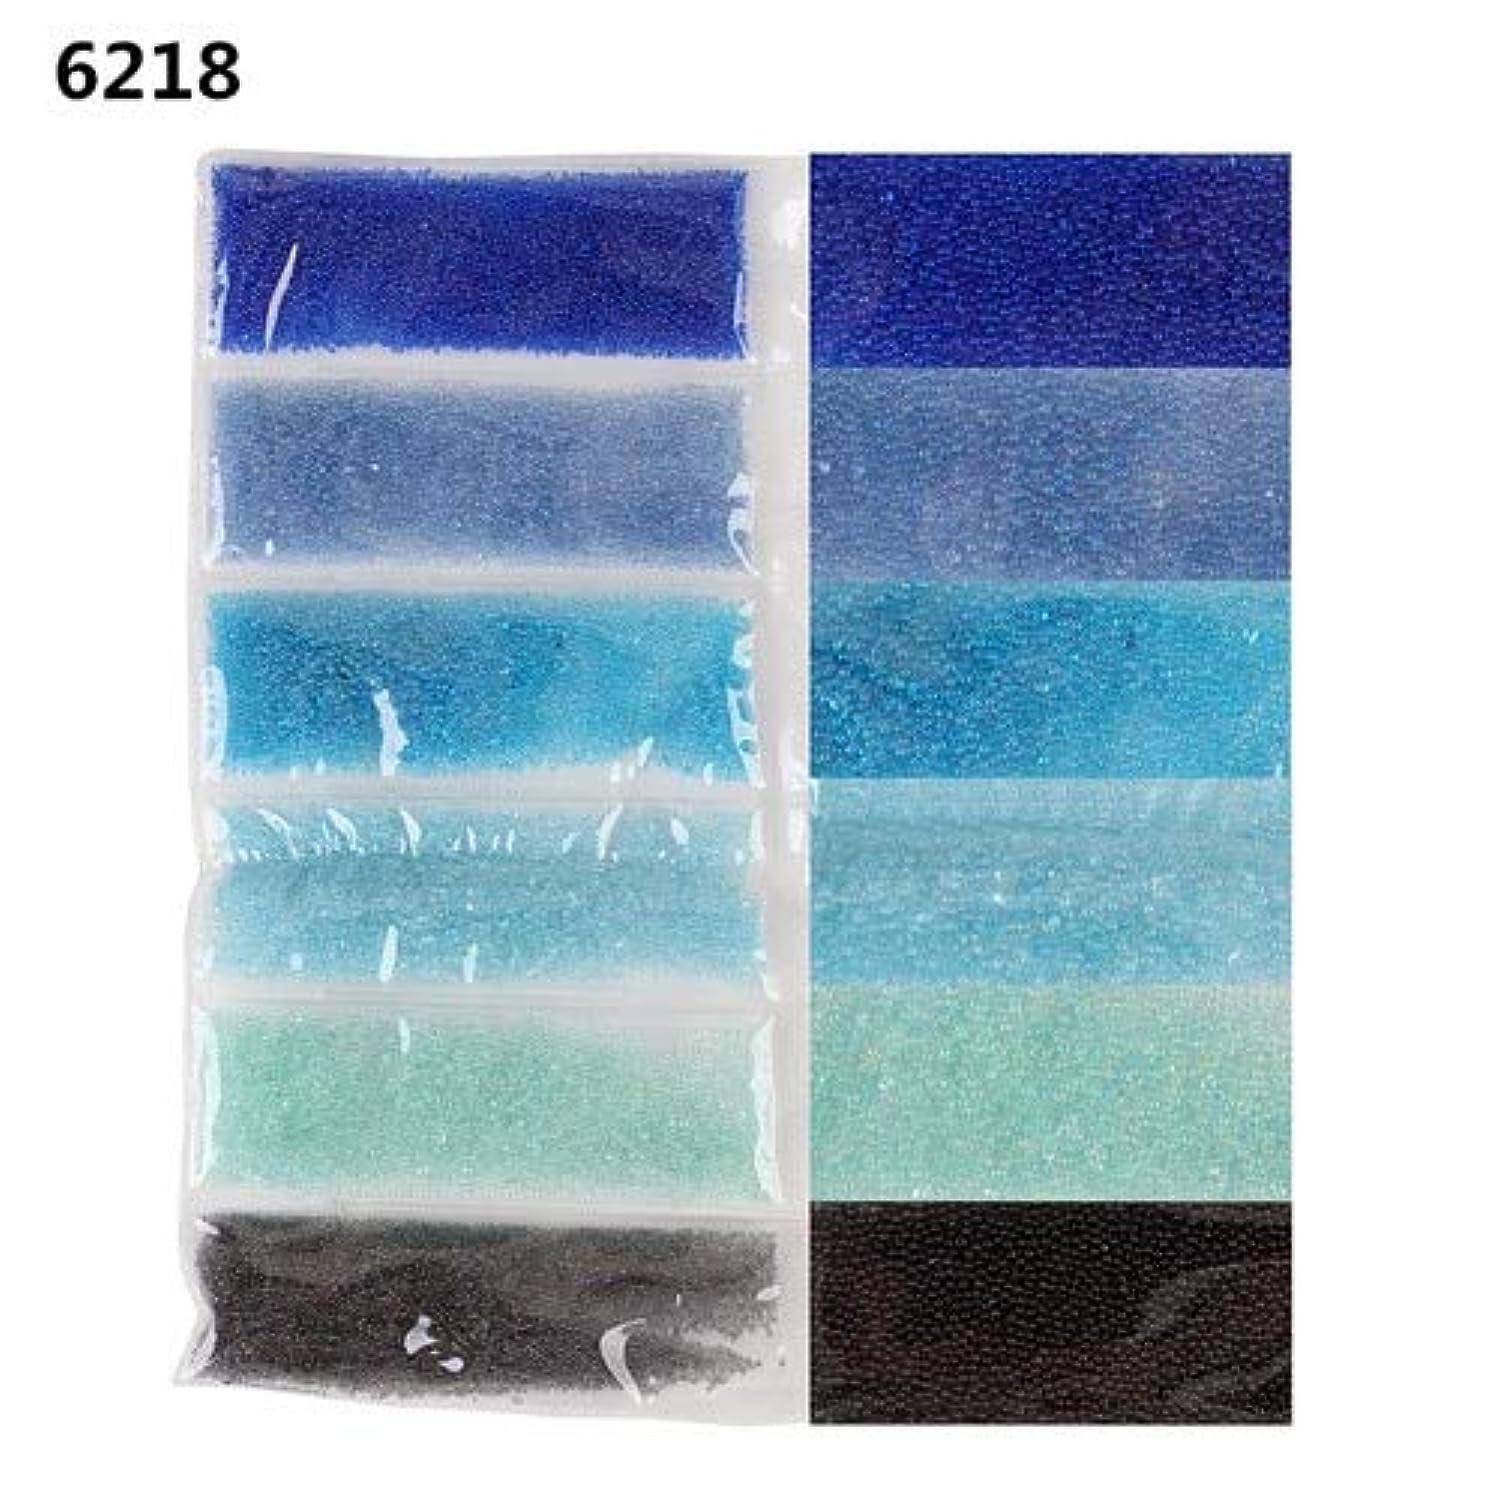 1袋6色混合ミニビーズネイルキャビアネイルアートラインストーンネイルクリスタルネイルアートデコレーション3D